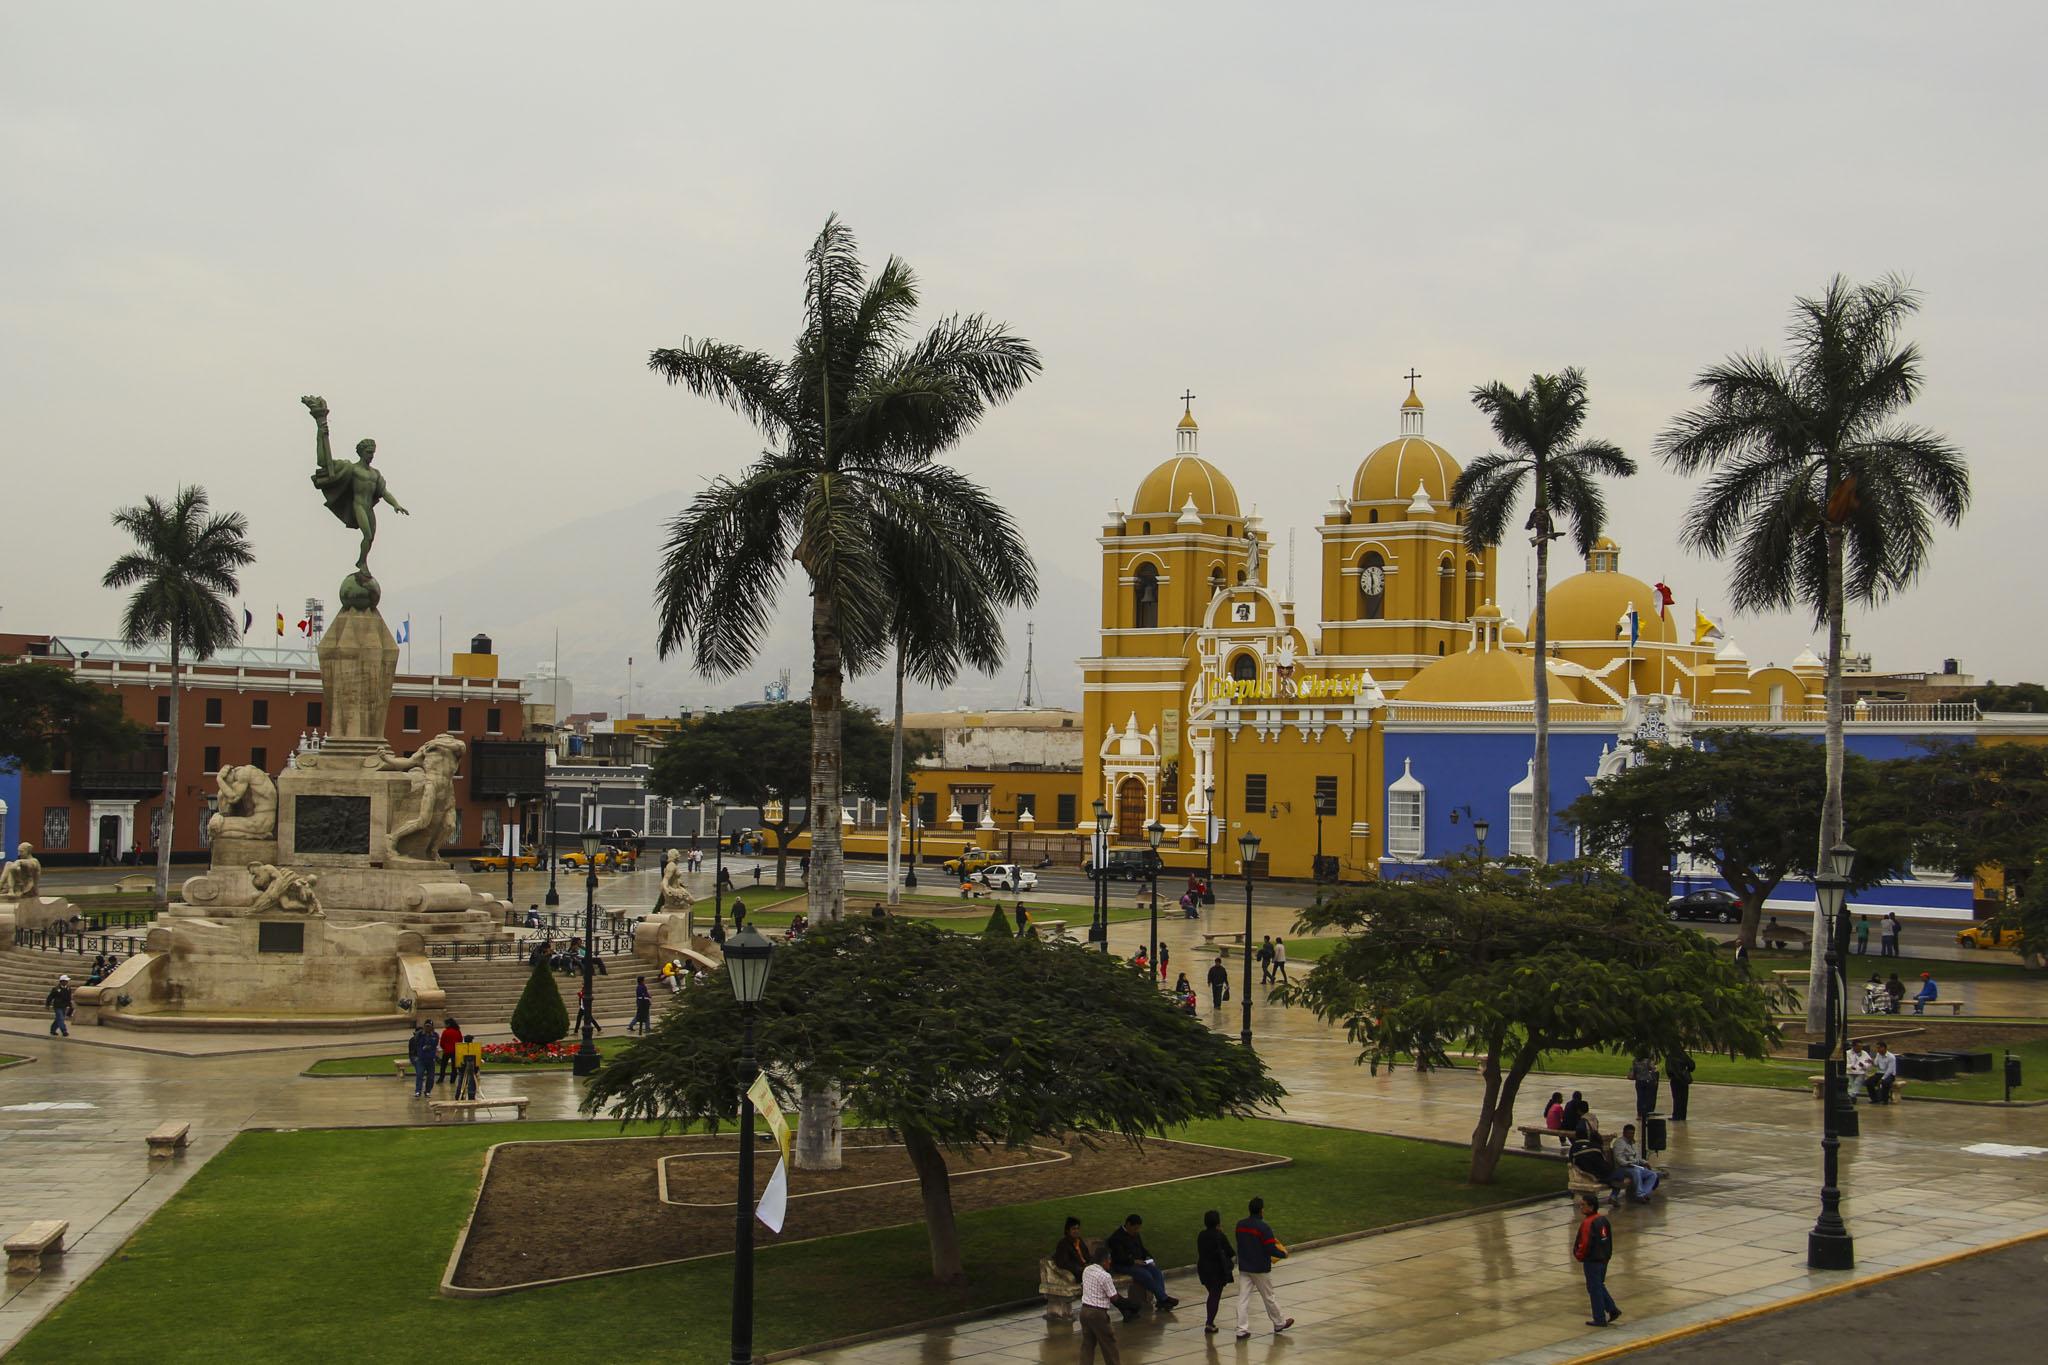 Trujillo - Plaza das Armas